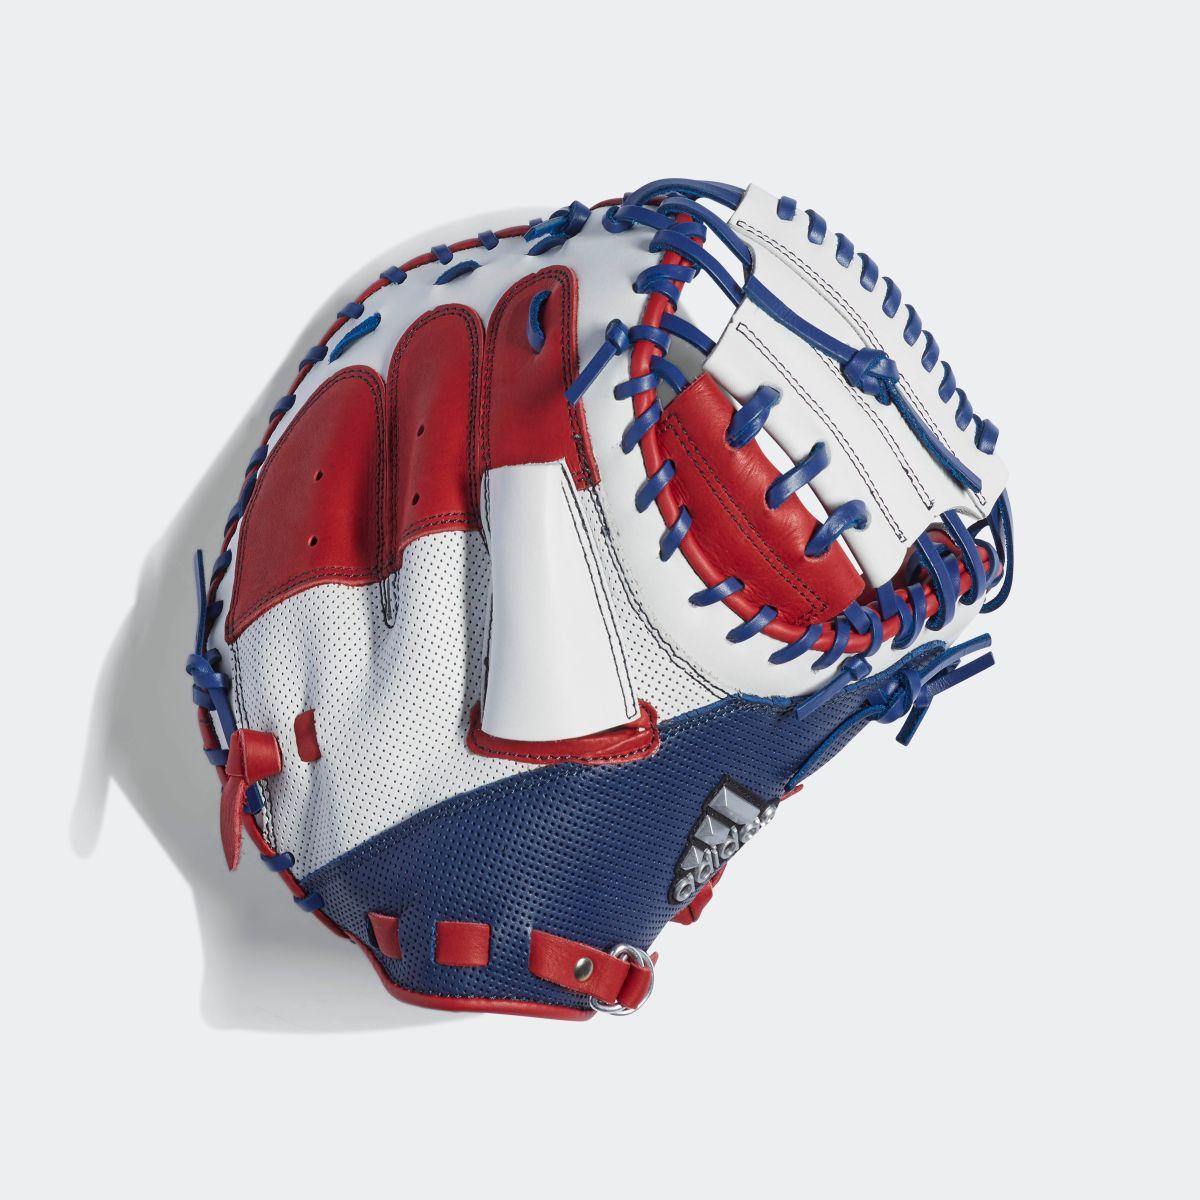 【公式】アディダス adidas 軟式 カラーグラブ 捕手用 メンズ 野球 アクセサリー プロテクター ボールグローブ DU9627